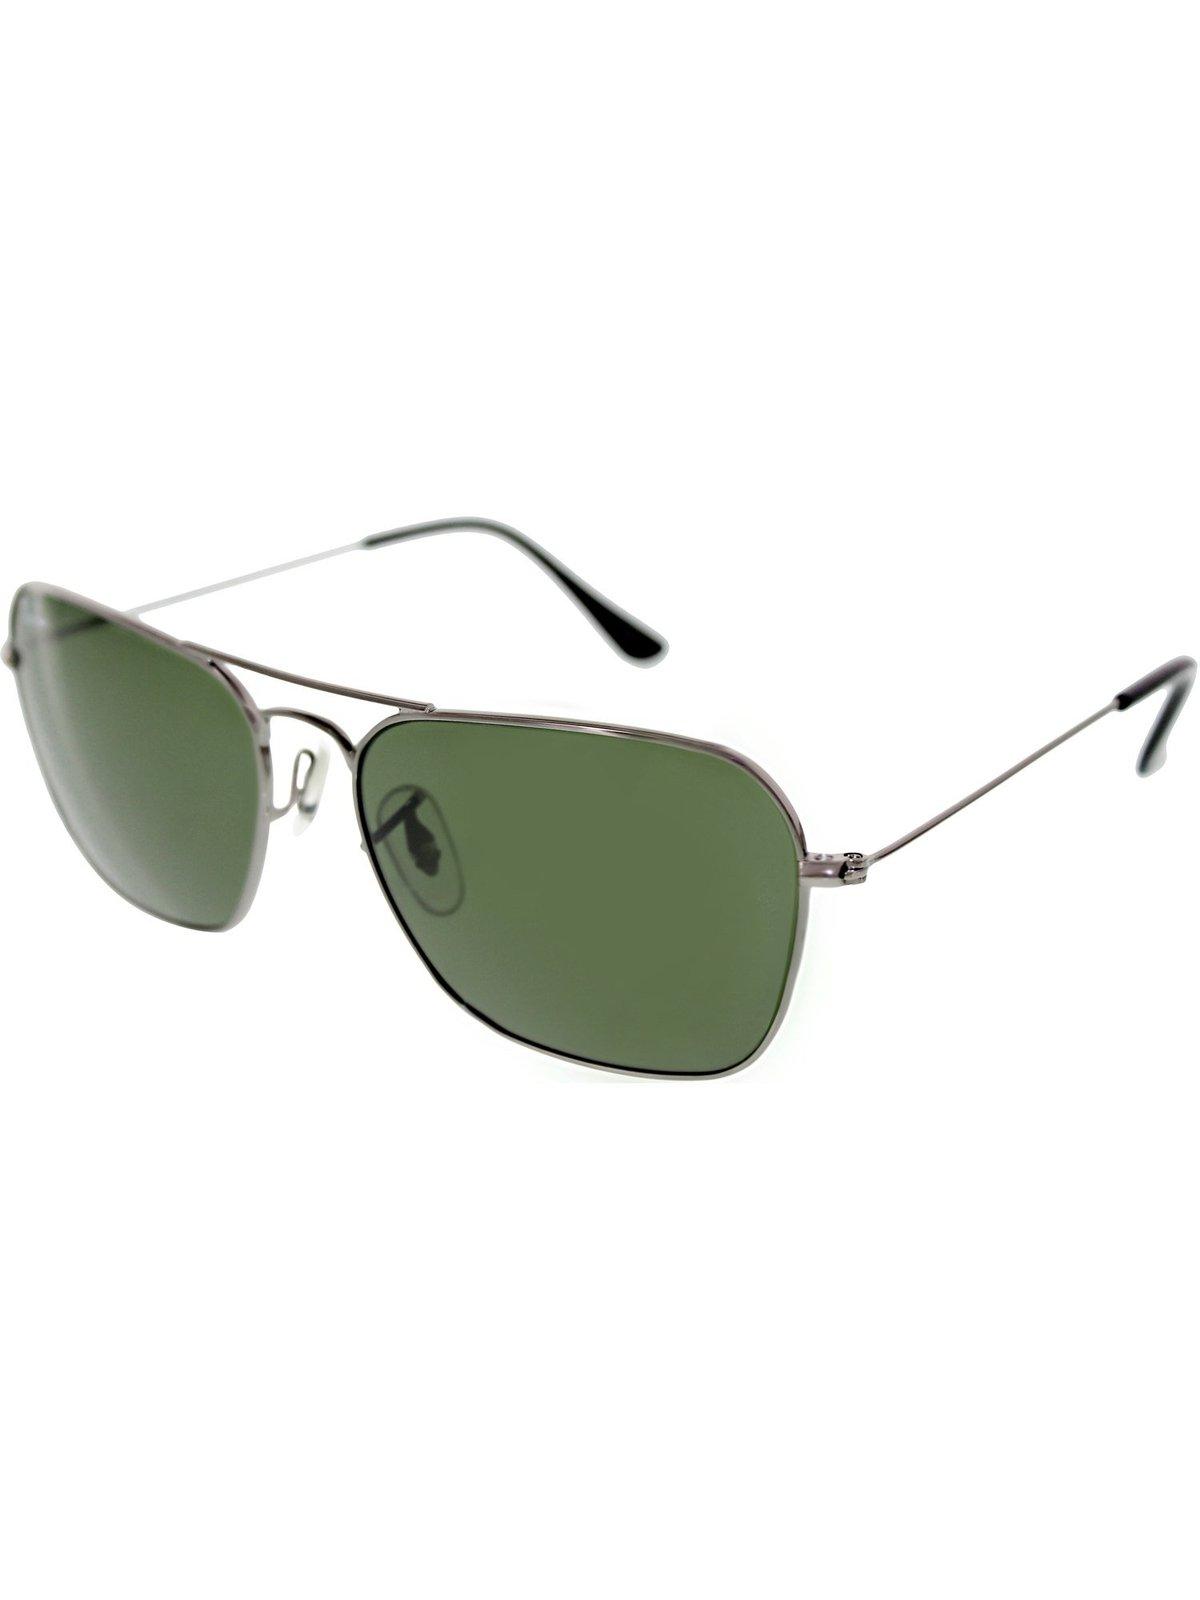 fb3b940b6c Ray-Ban Men's Caravan RB3136-004-58 Grey Square Sunglasses - $198.00